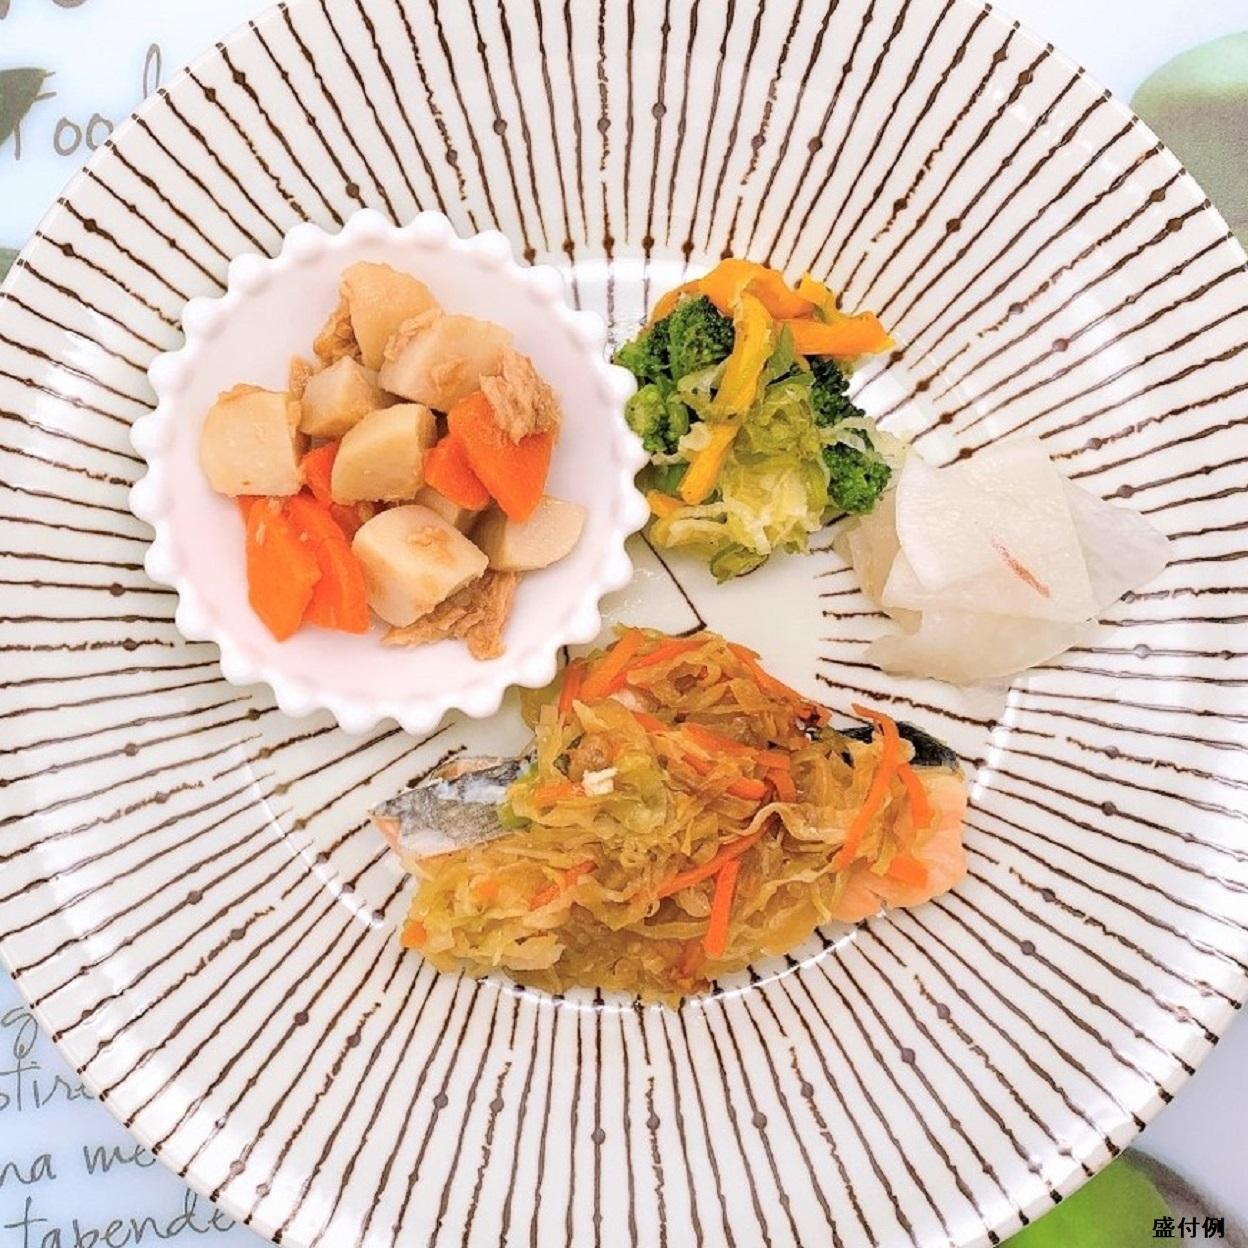 カロリー制限食:鮭のちゃんちゃん焼きセットE